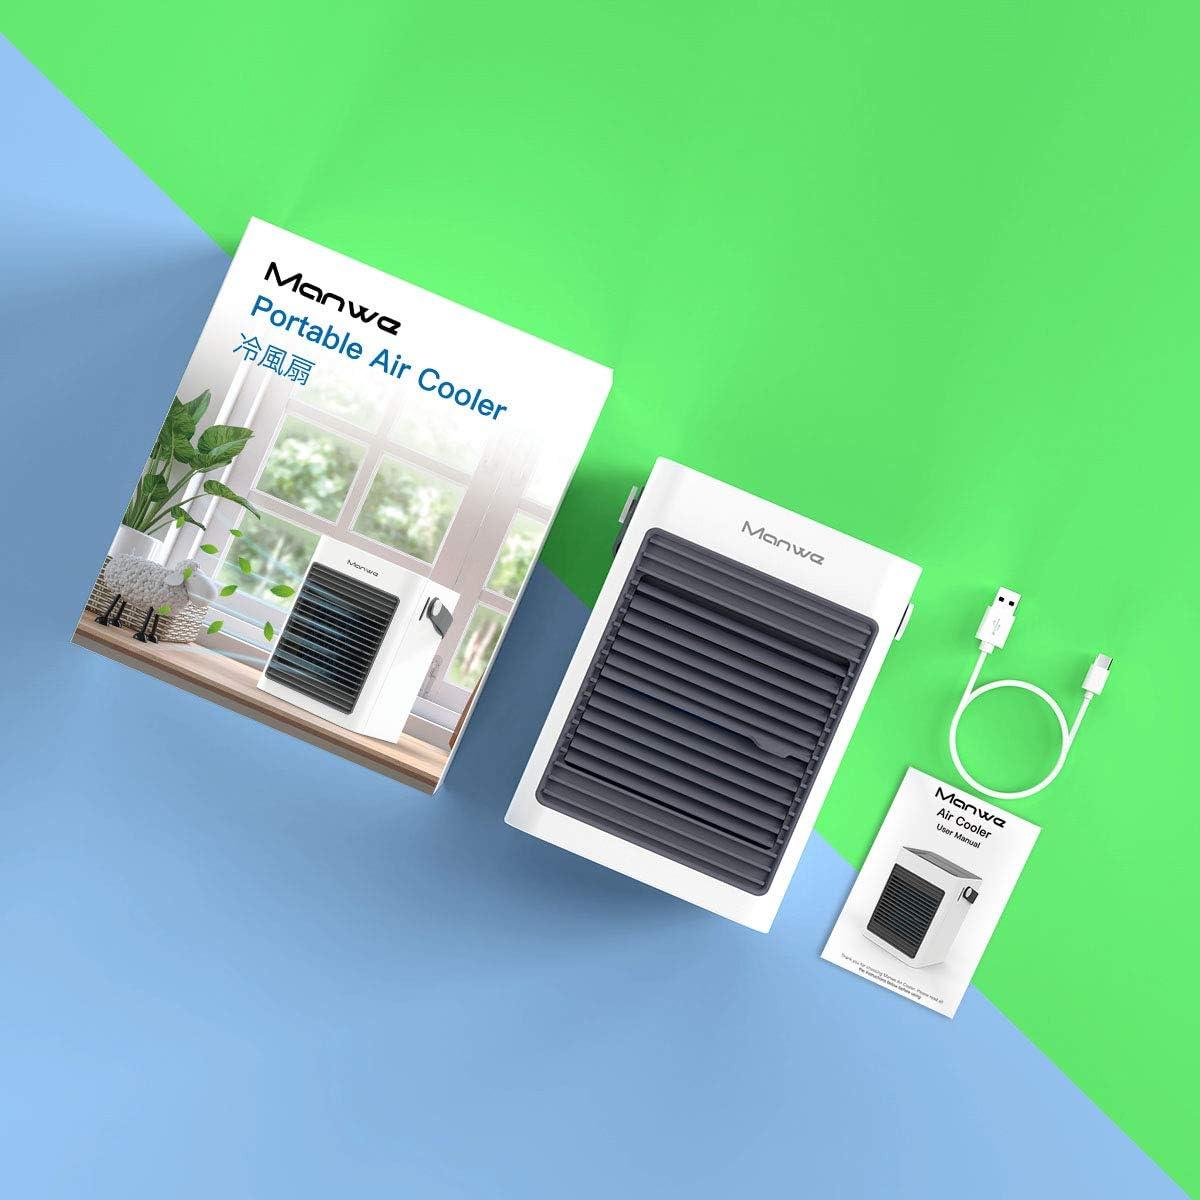 Nouveau Filtre pour Chambre La famillean Bureau Humidificateur Purificateur Climatiseur polaire-Manwe Air Climatiseur Air Refroidisseur Ventilateur Personnelle Mobile Climatiseurs